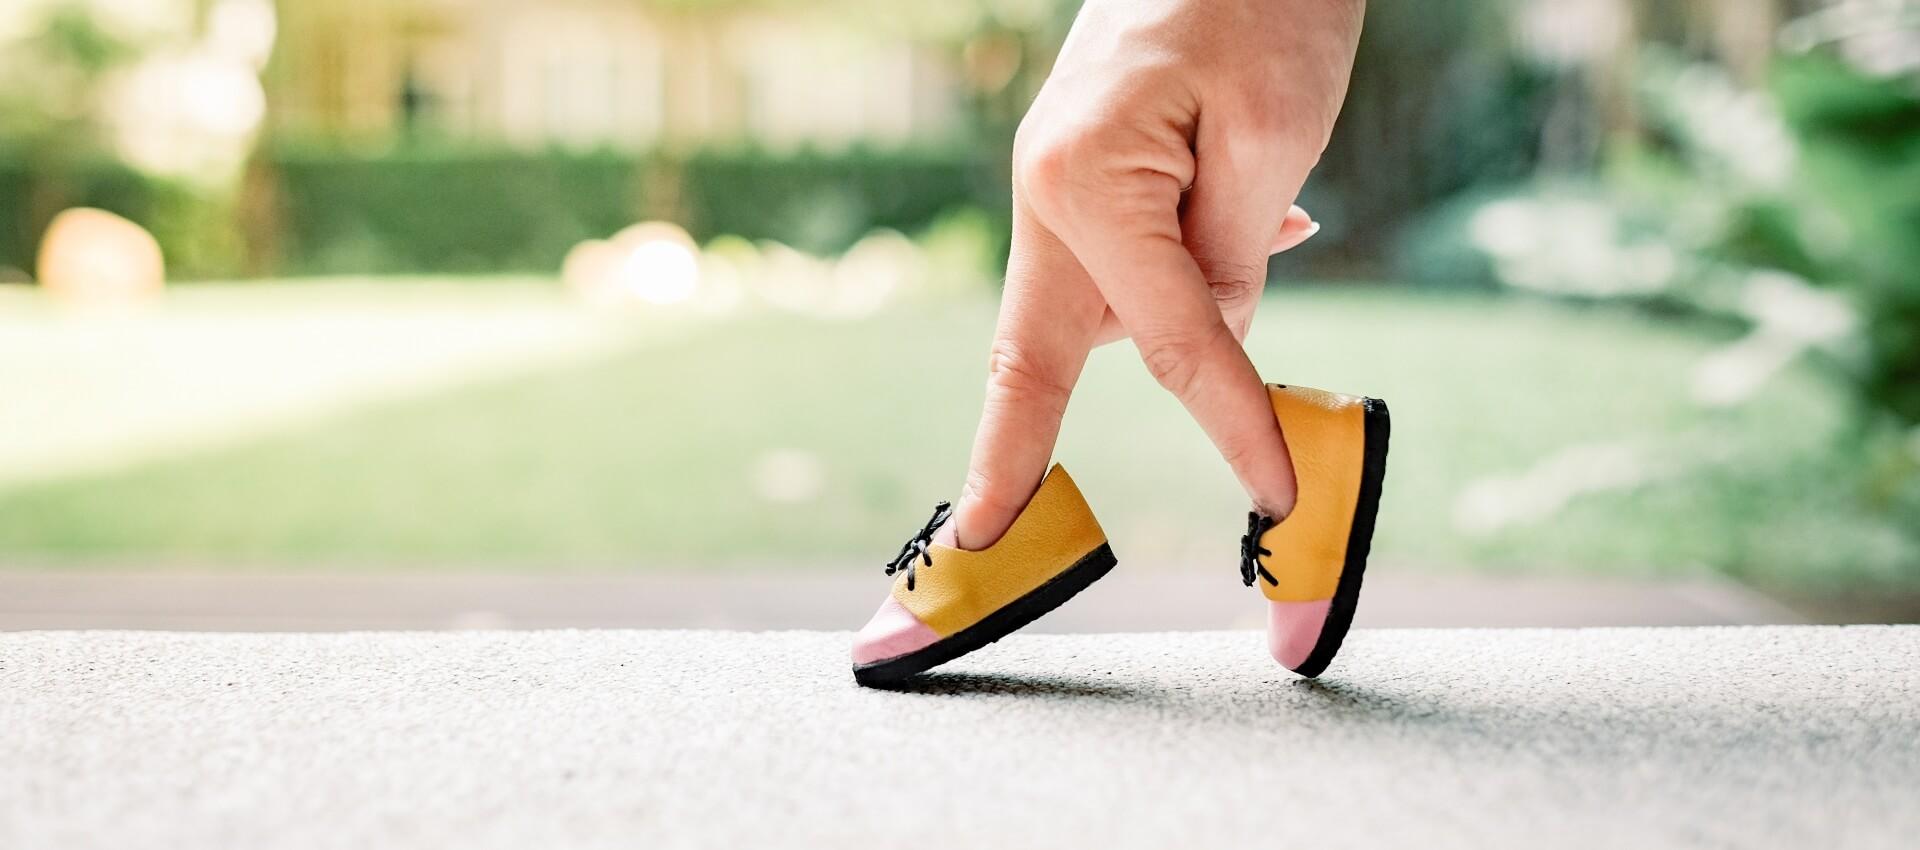 beneficios a la salud de salir a caminar